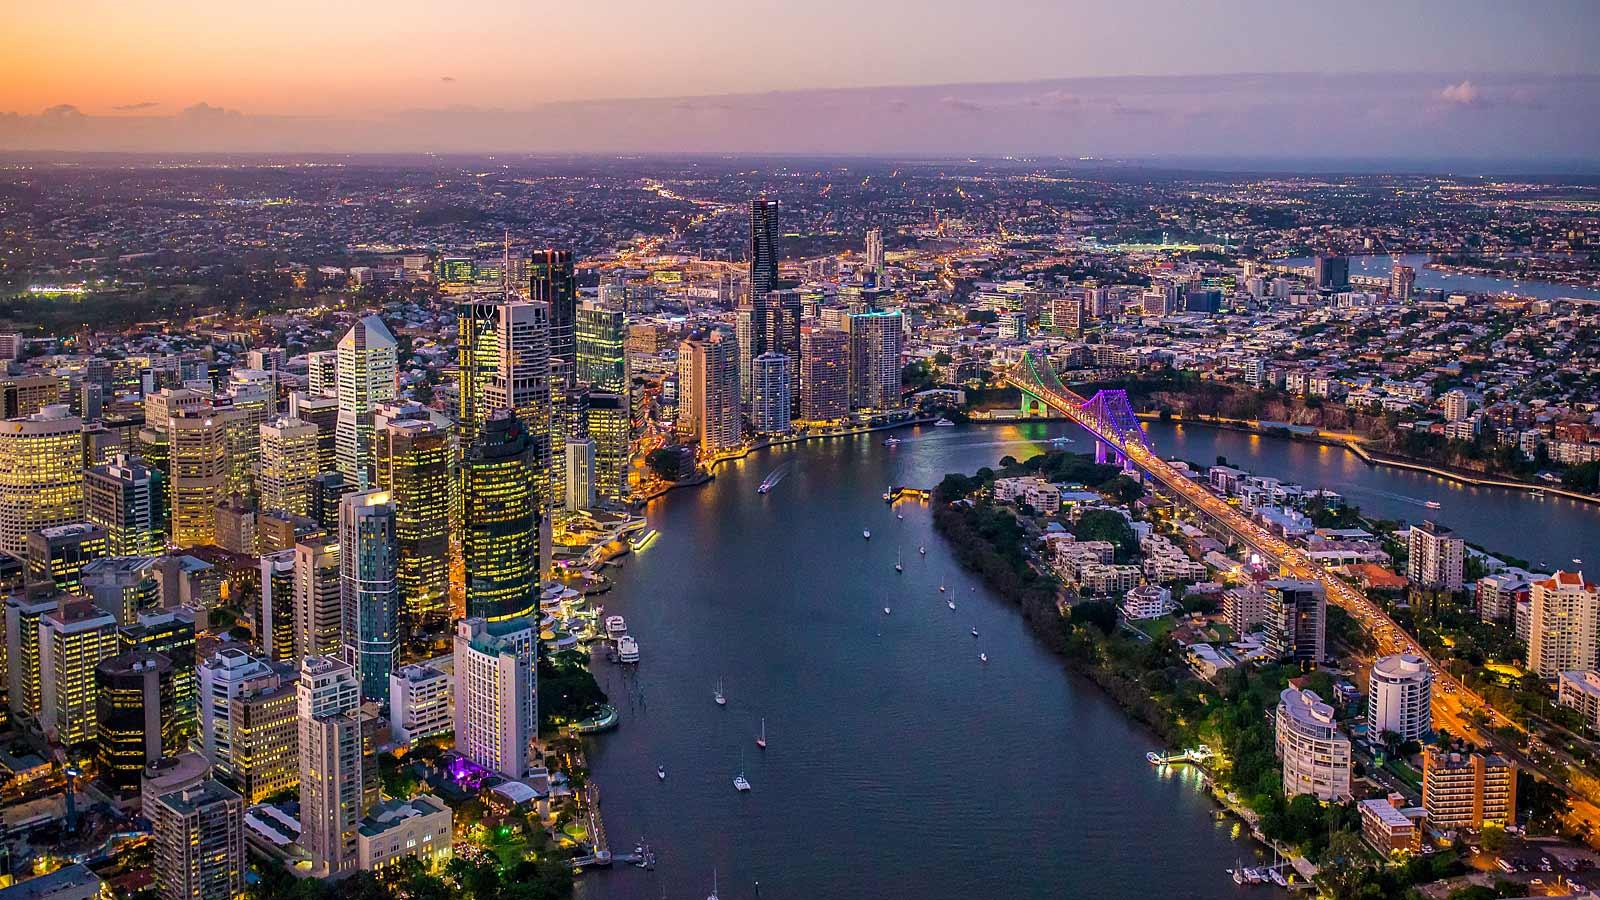 Brisbane la nuova capitale per la criptovaluta dellAustralia - Brisbane è la nuova capitale per la criptovaluta dell'Australia, e forse presto anche del mondo.